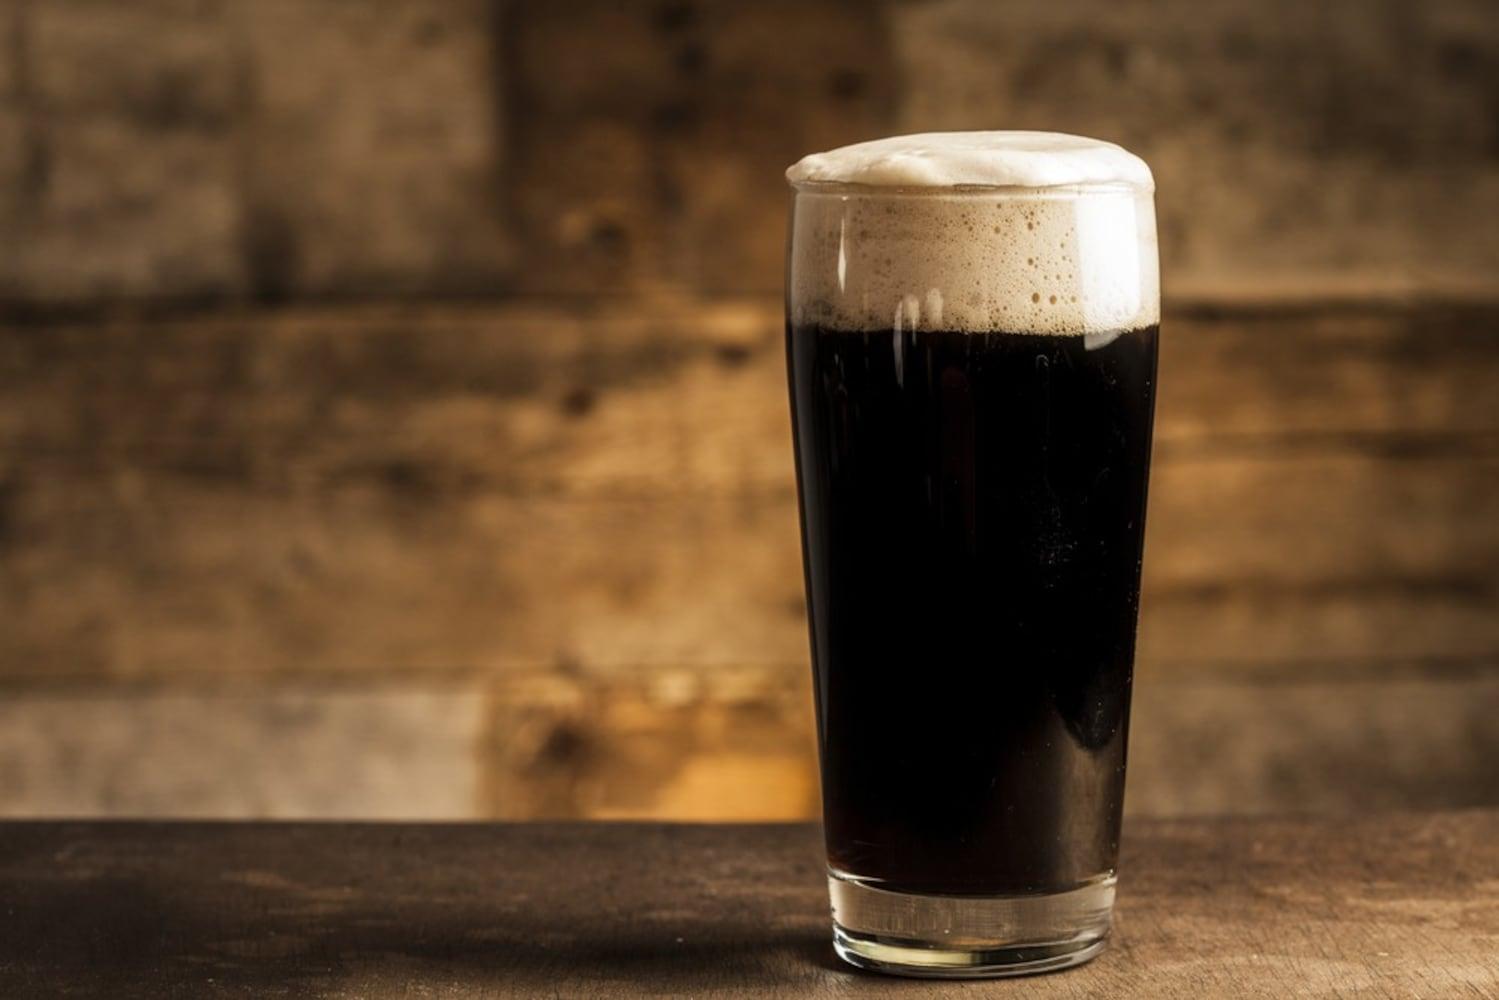 黒ビール 「シュバルツ」はビール通の舌を唸らせる